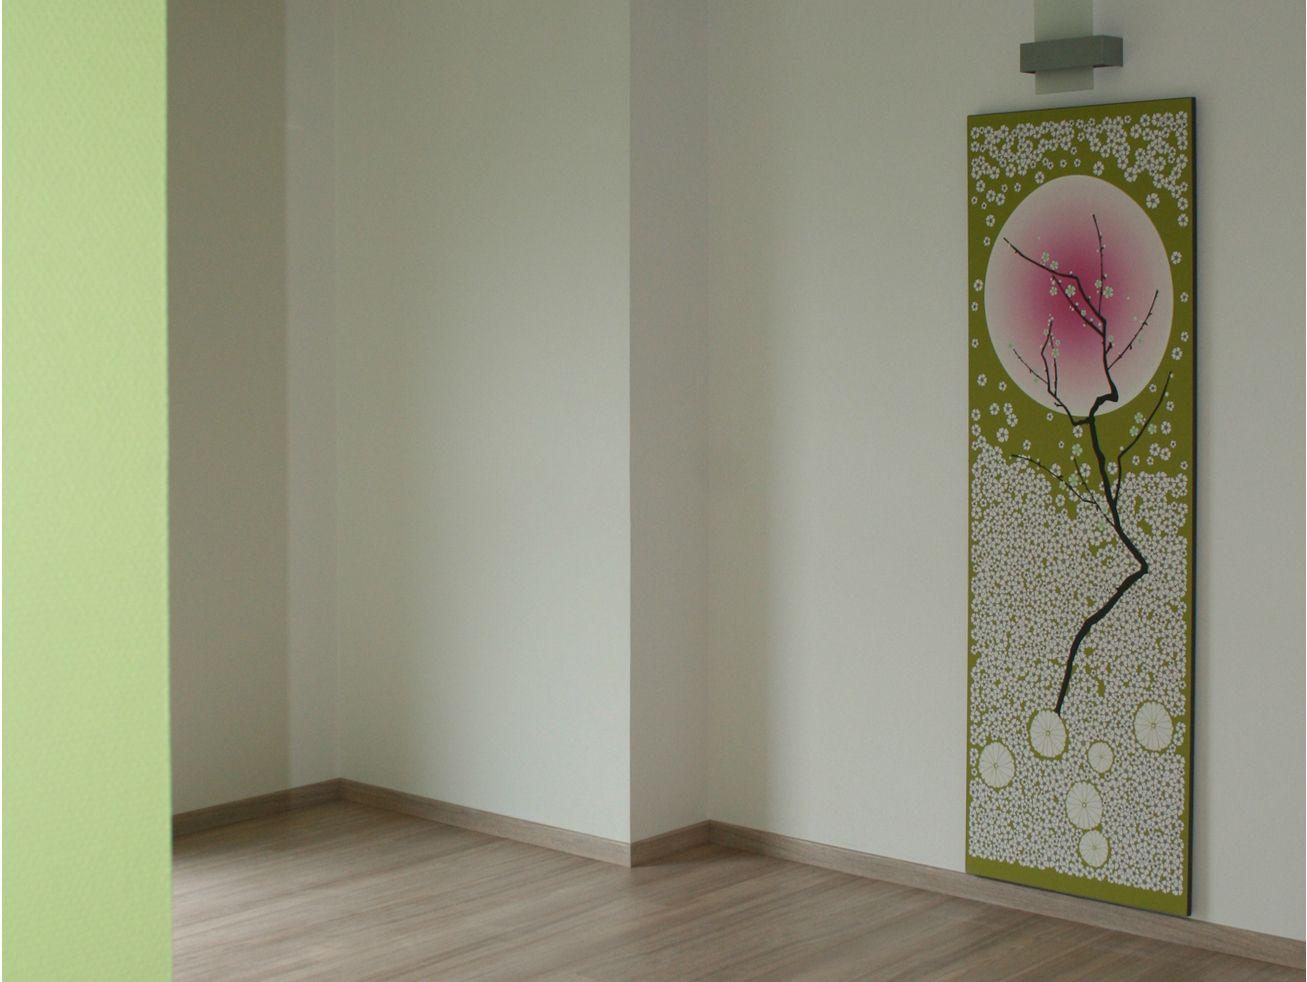 Papier peint lé unique CERISIER By CONCEPTUWALL